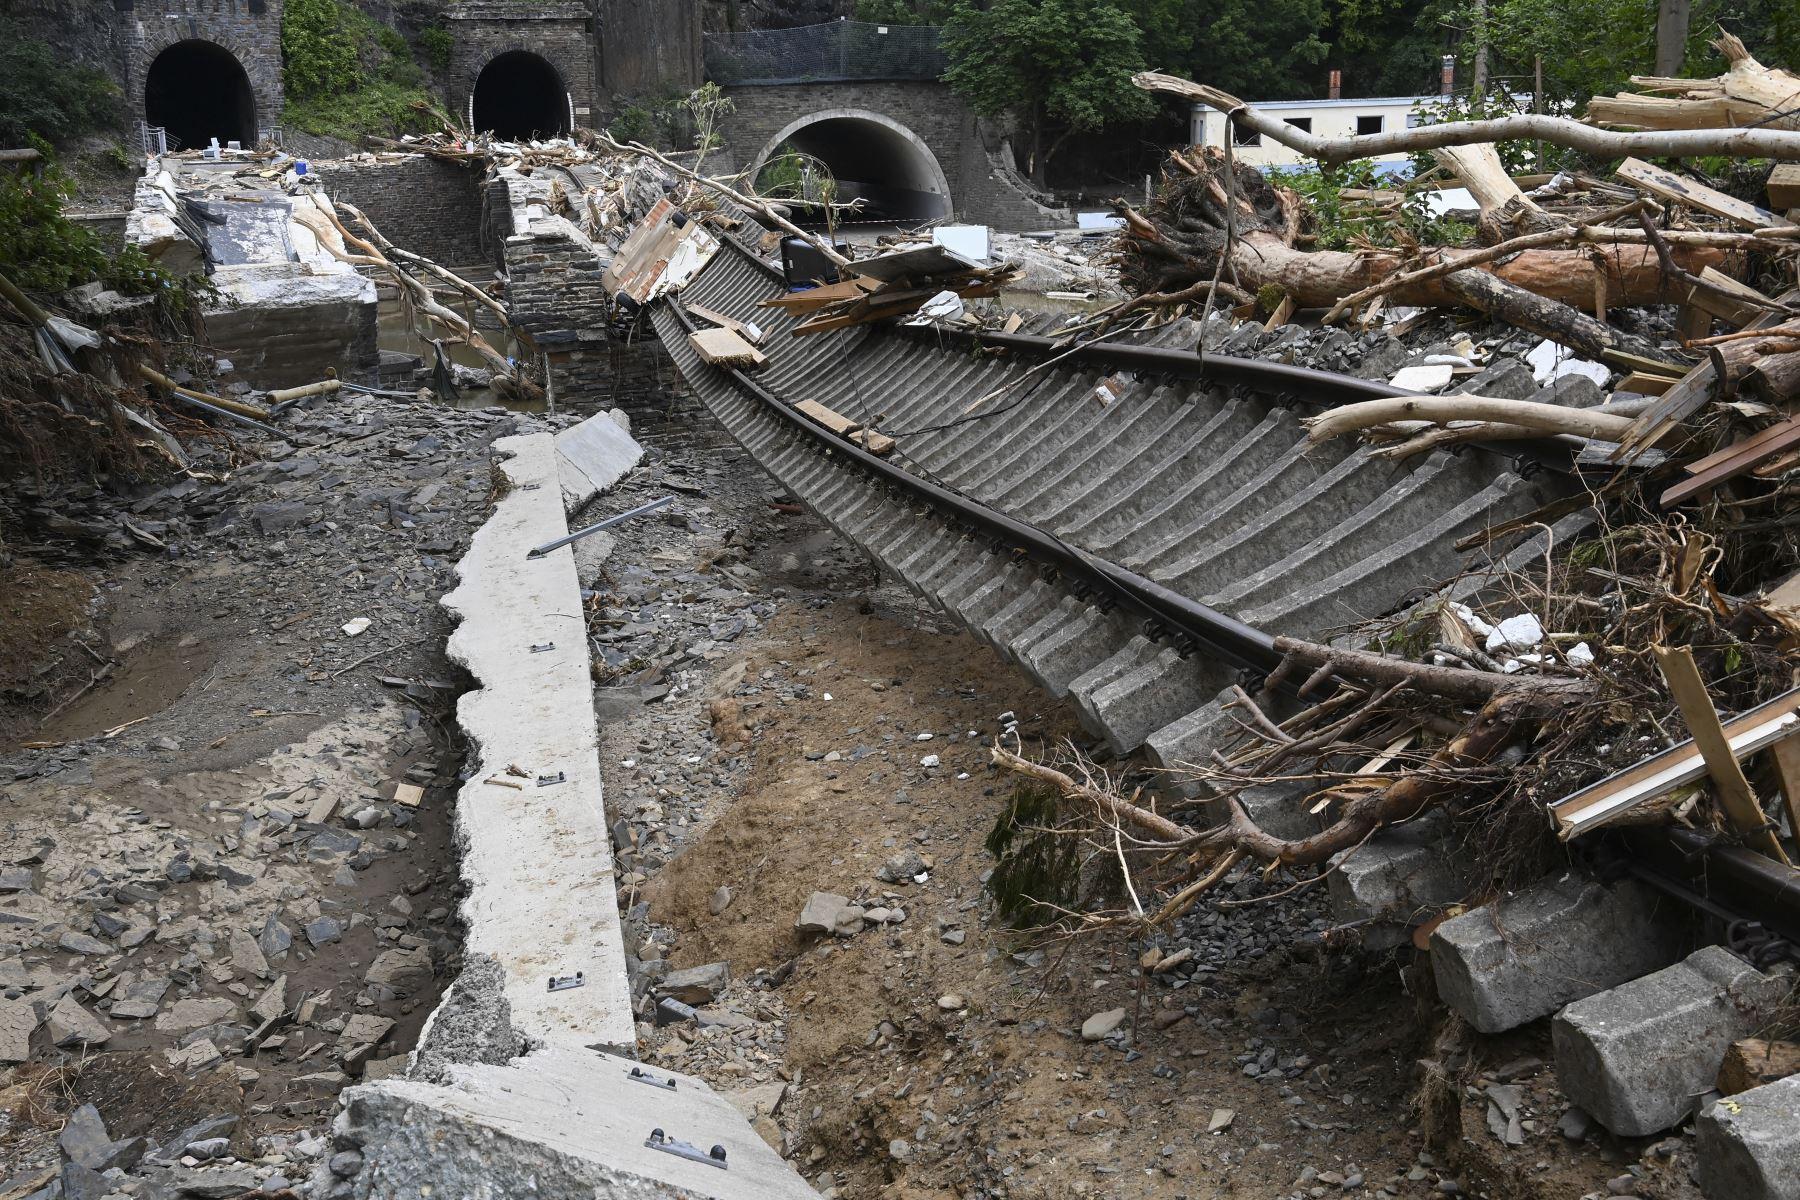 Alemania destina ayudas rápidas de 400 millones a afectados por inundaciones